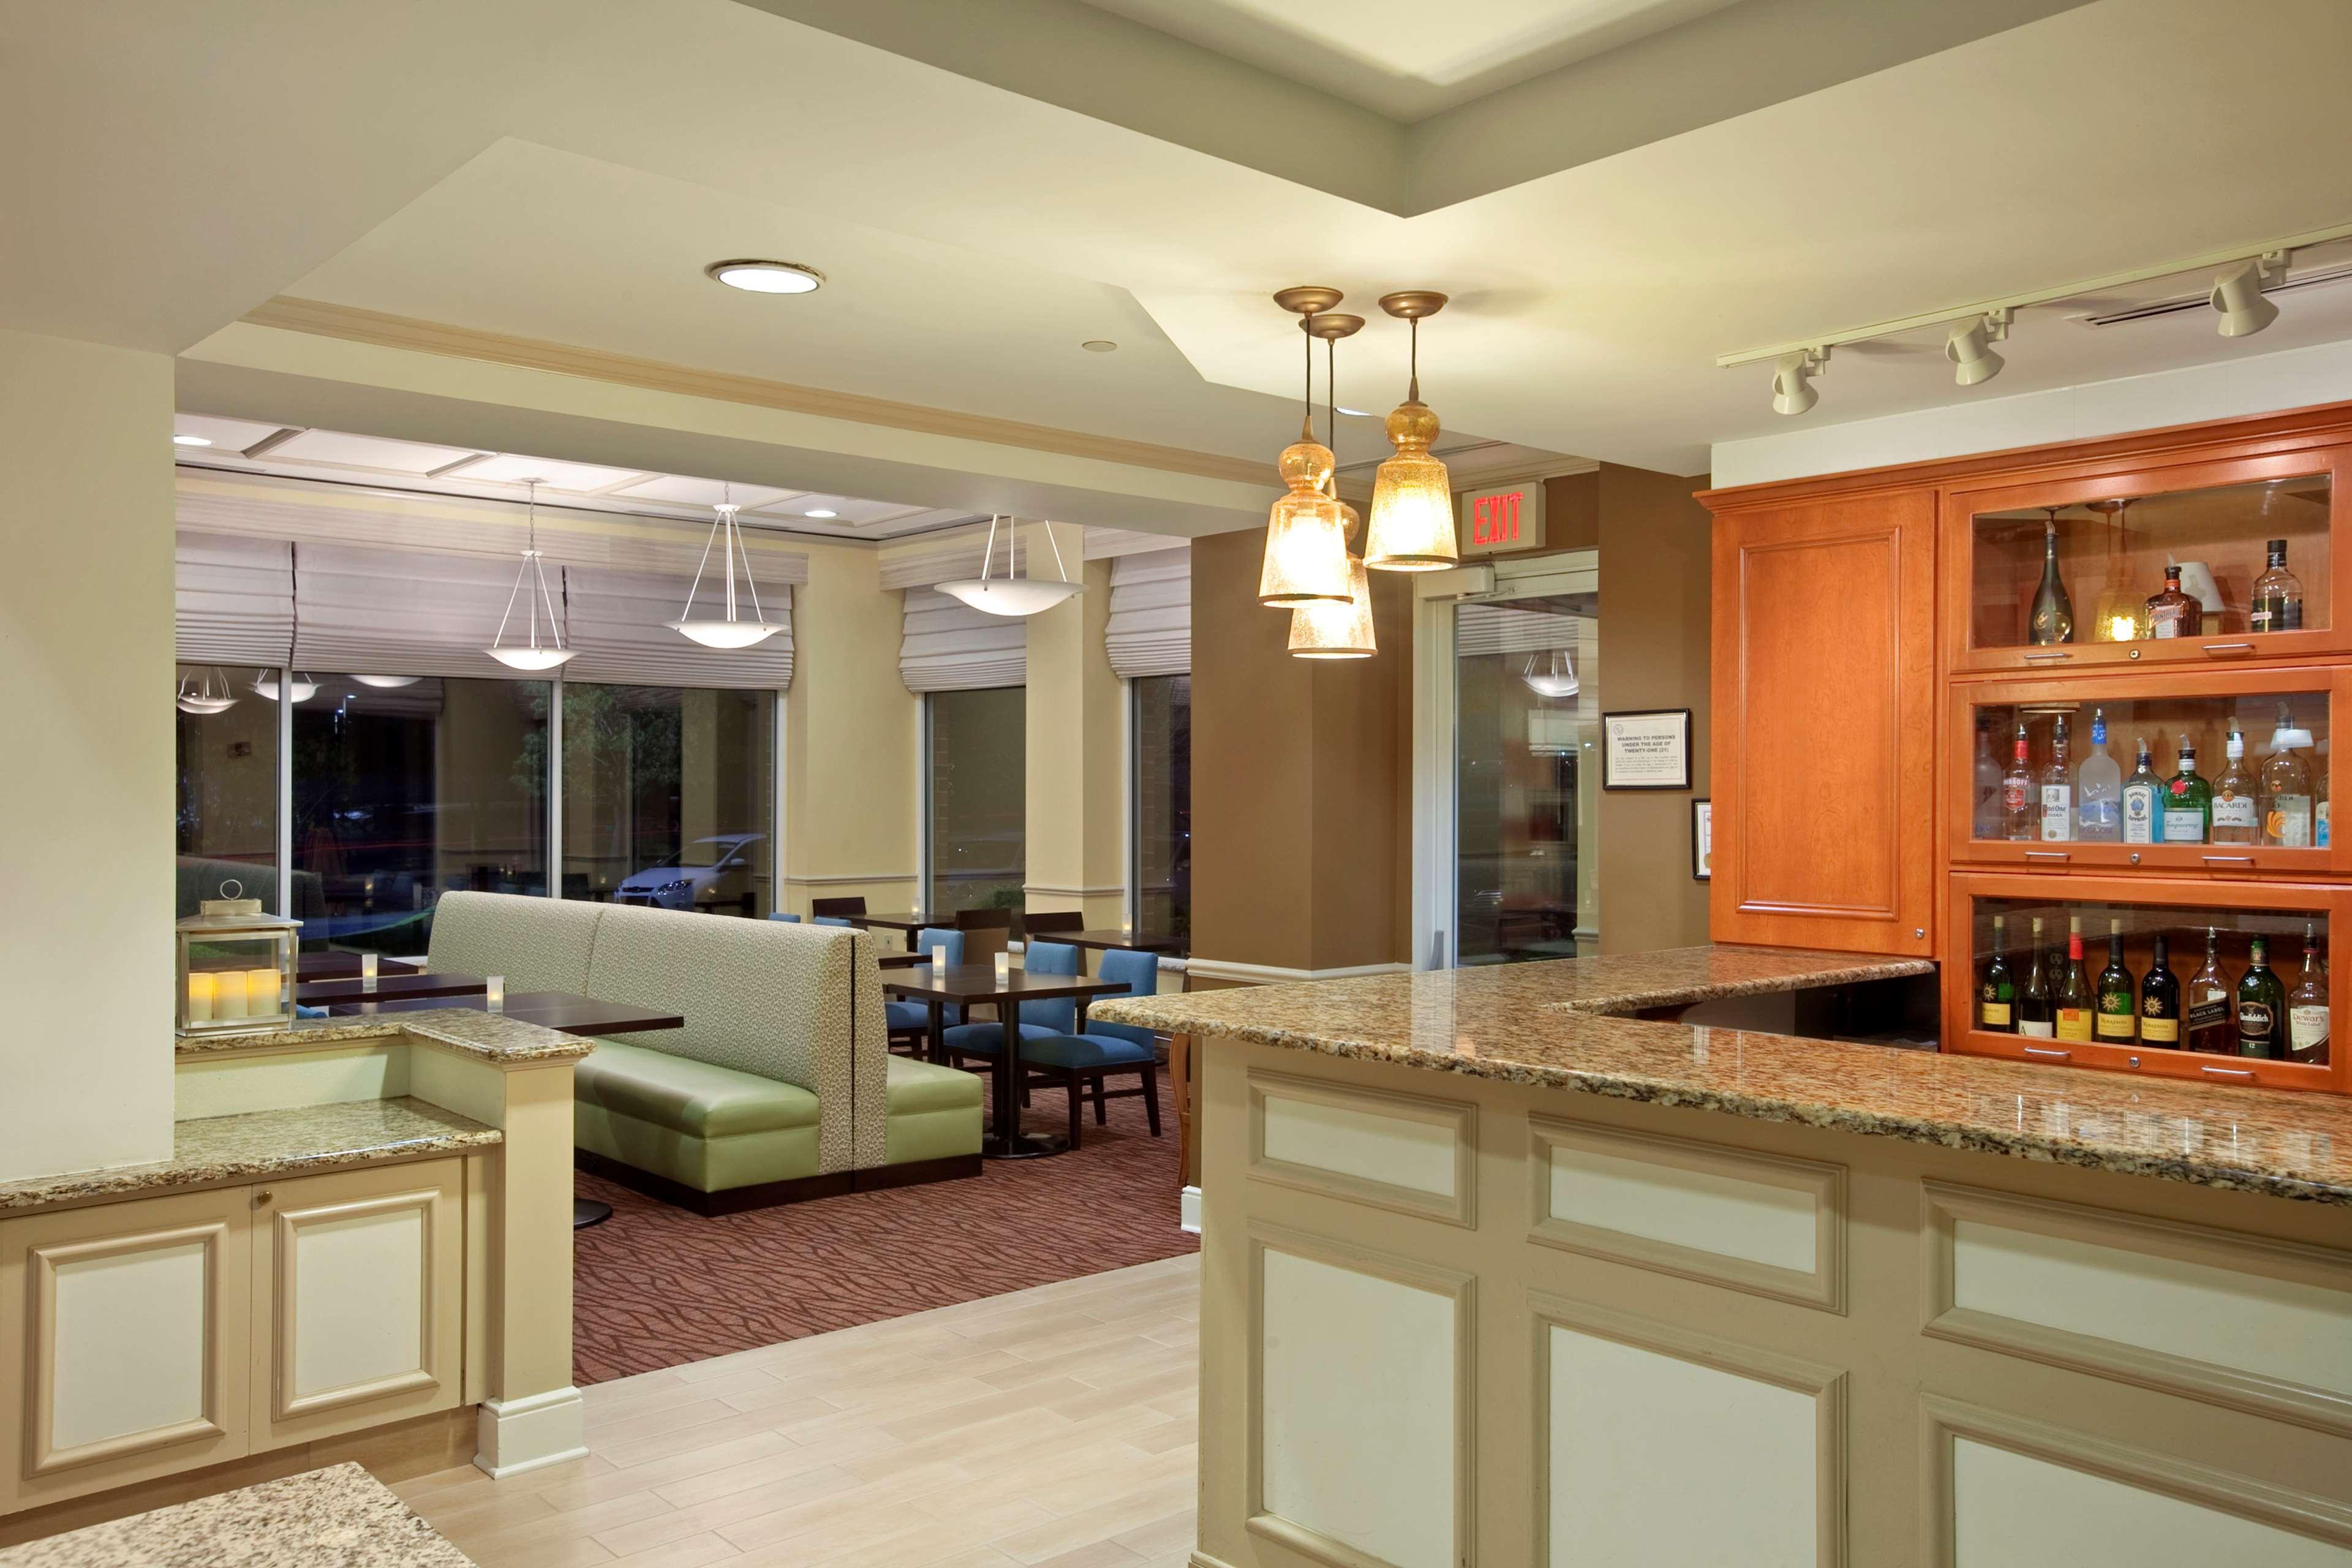 Hilton Garden Inn Hoffman Estates image 9